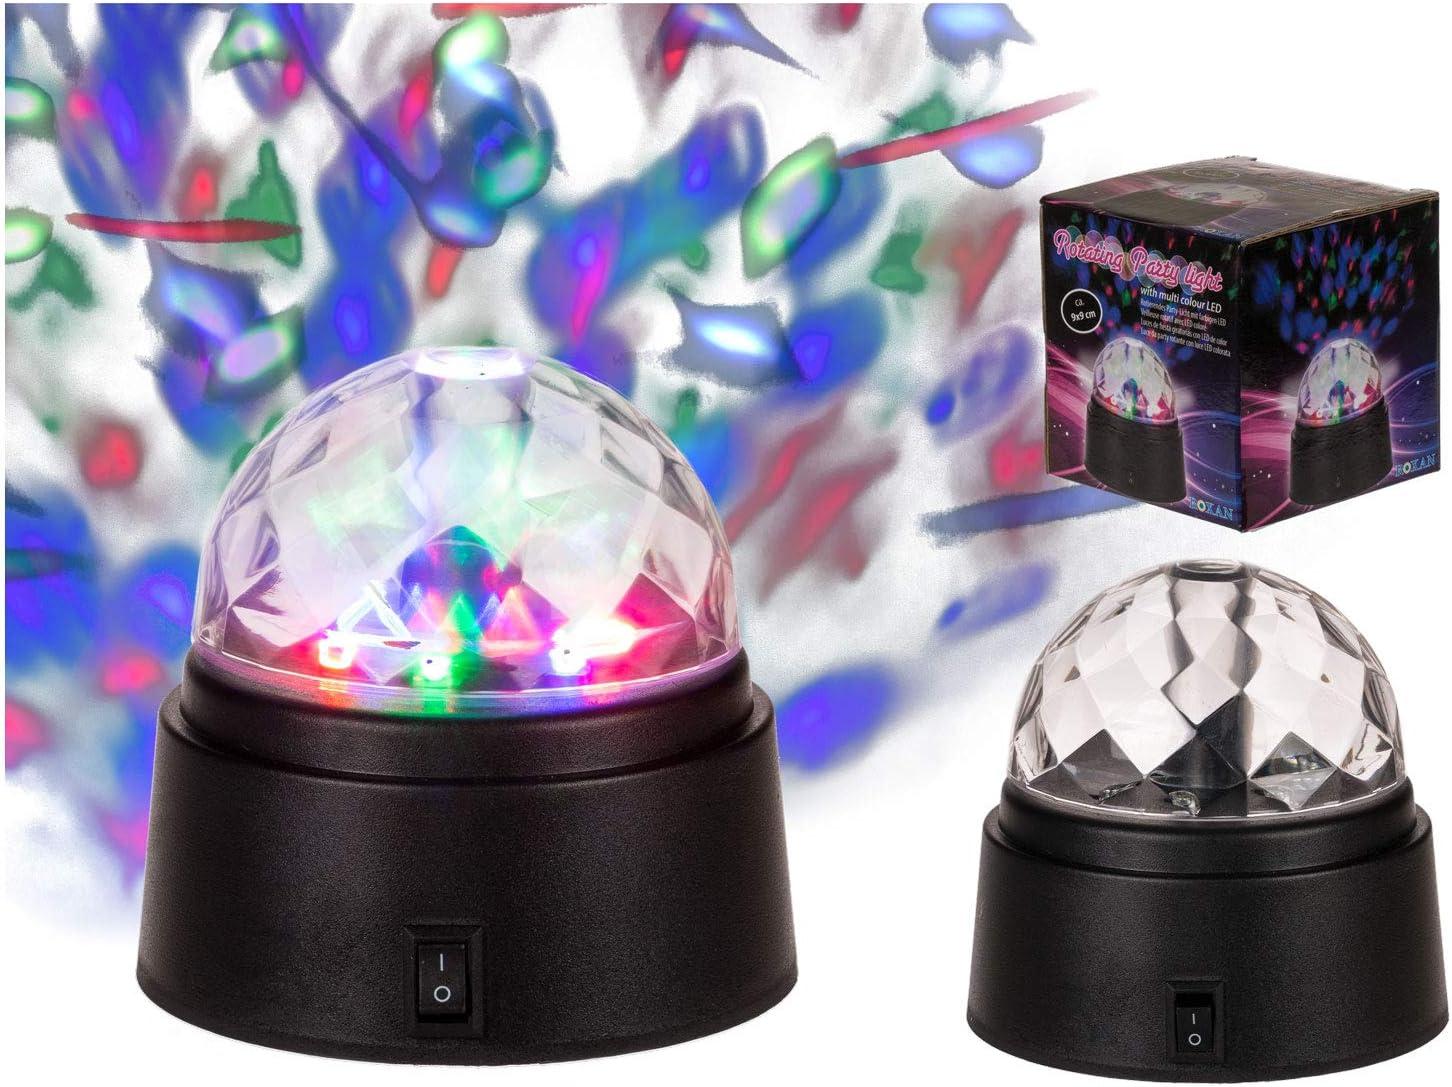 batteriebetrieben Out of the Blue Rotierende Partyleuchte mit farbigen LED circa 9 x 9 cm im Geschenkkarton mehrfarbig